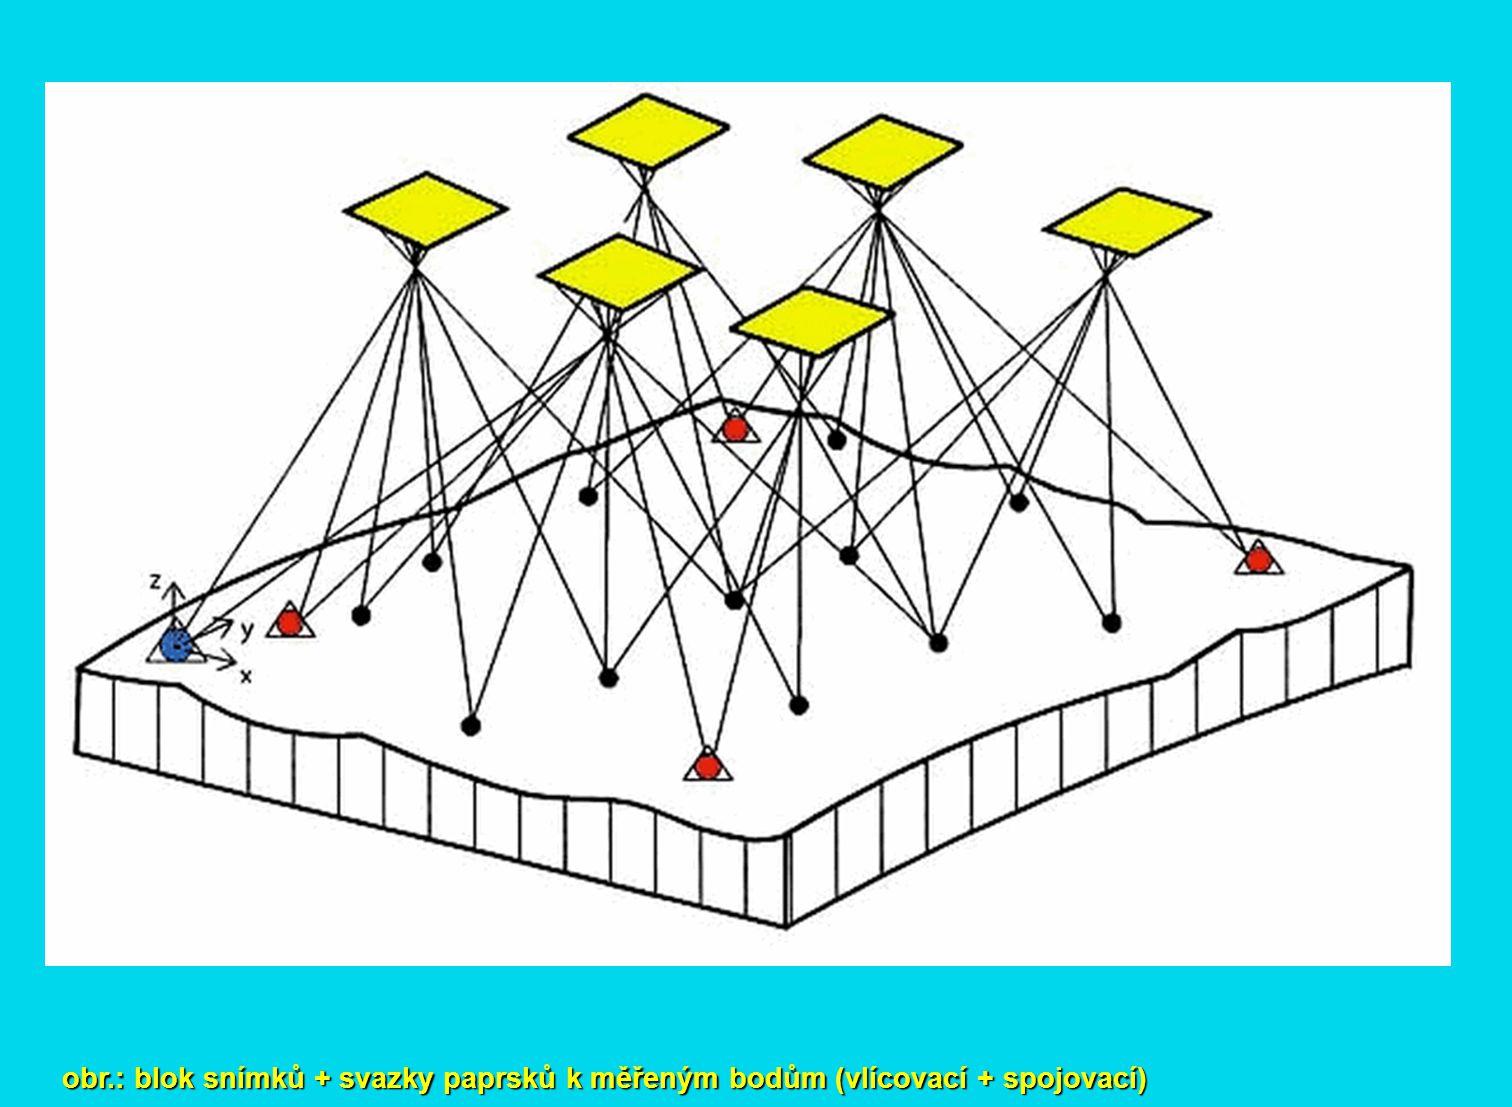 obr.: blok snímků + svazky paprsků k měřeným bodům (vlícovací + spojovací)